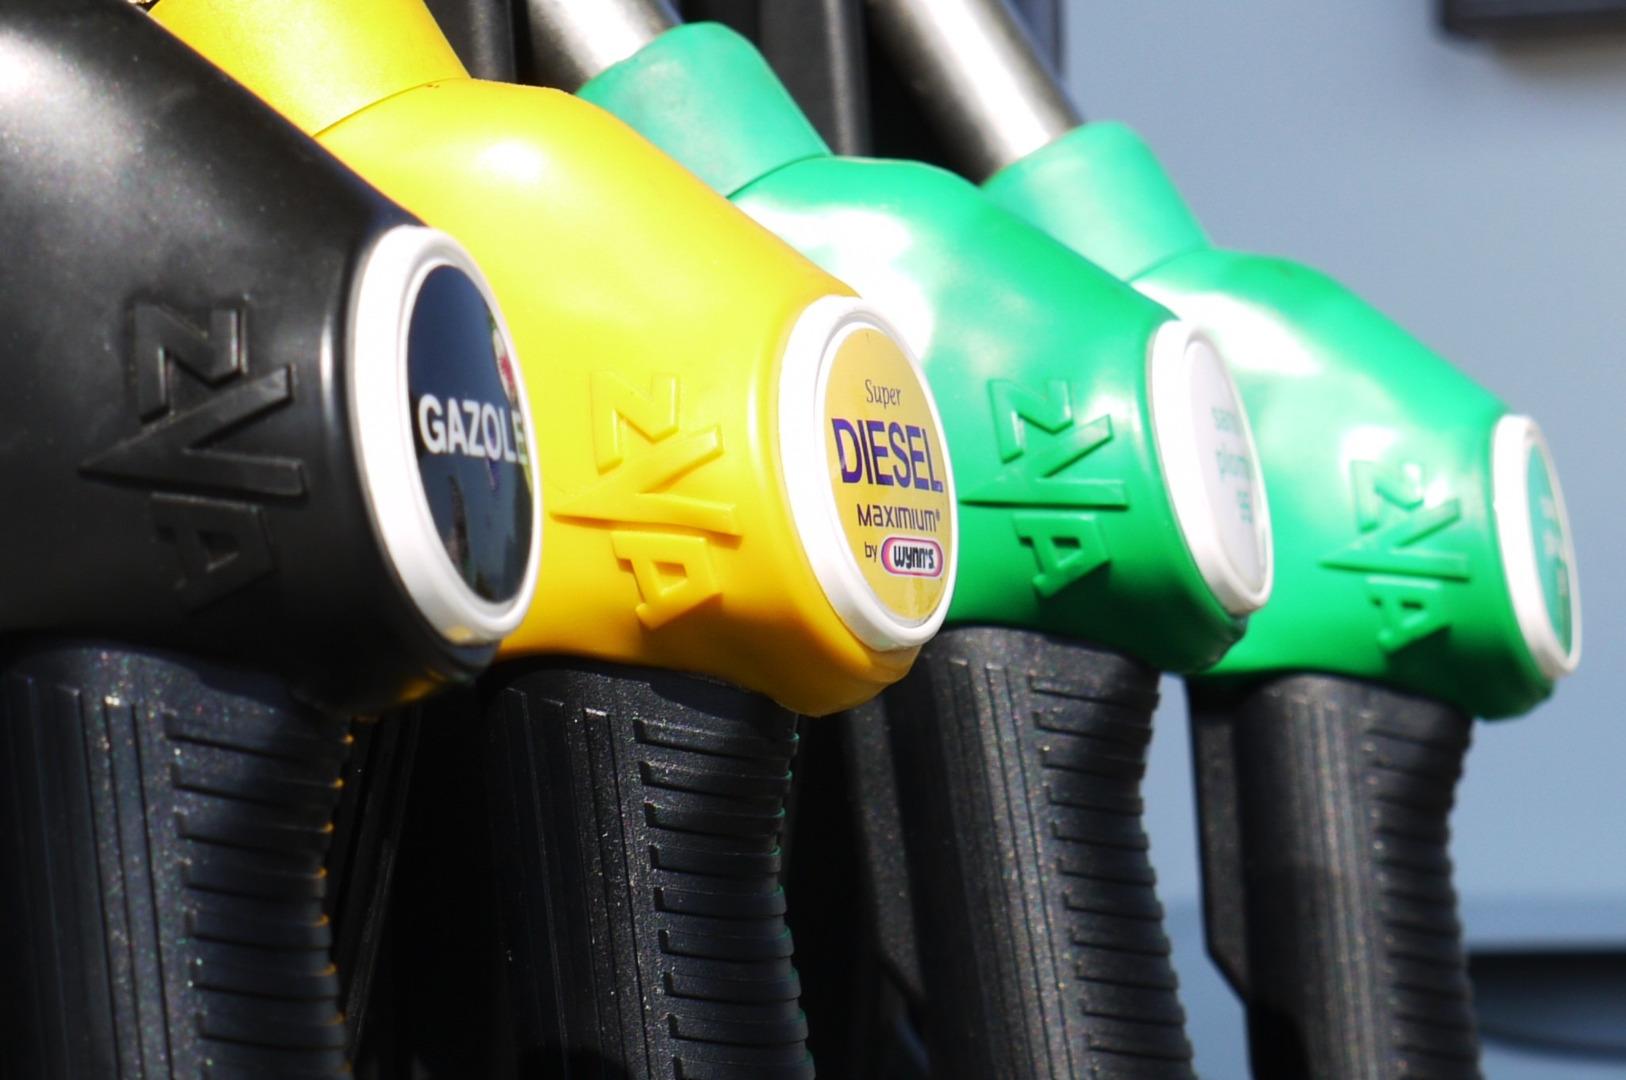 Preparate para despedir a las gasolinas 95 y 98 y al gasoleo A 1920